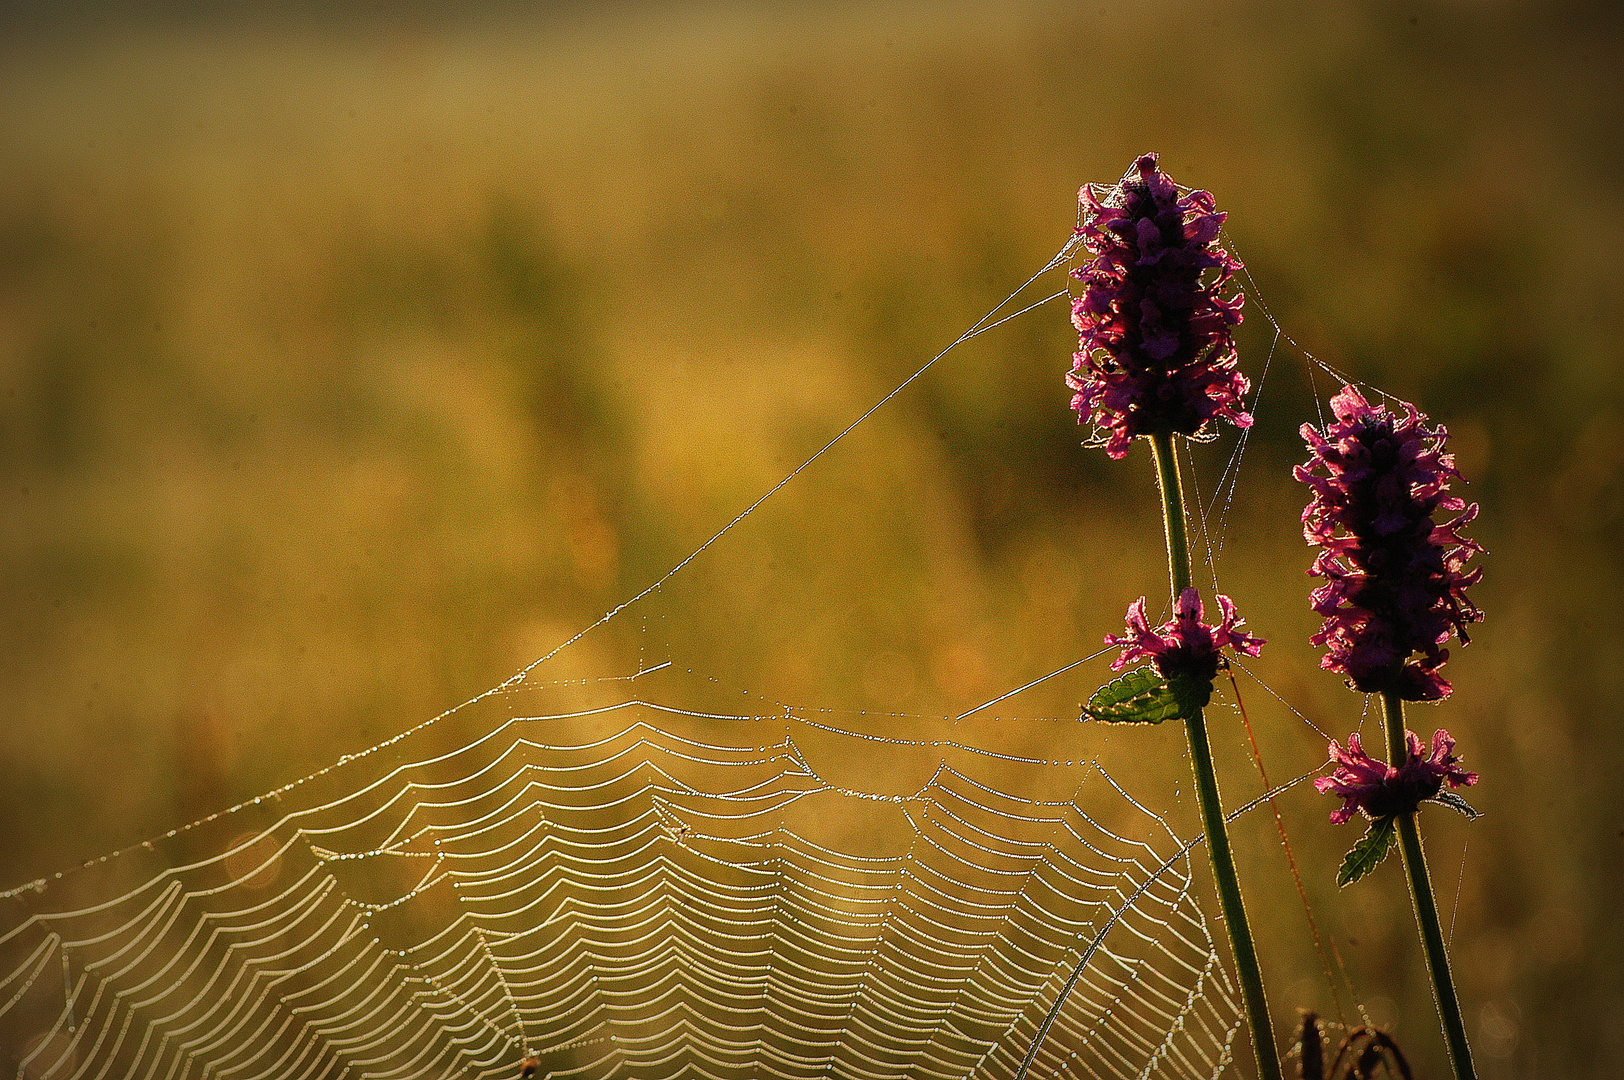 Kunst einer Spinne